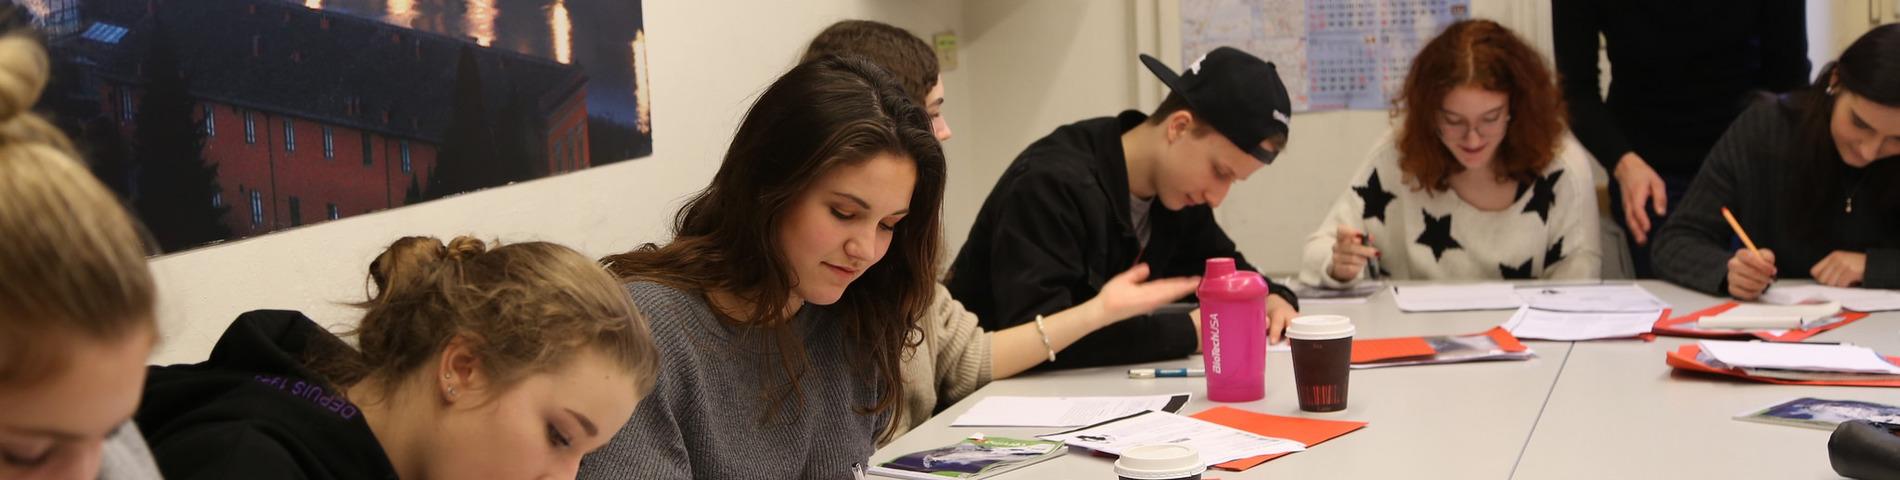 Scuola Toscana صورة 1